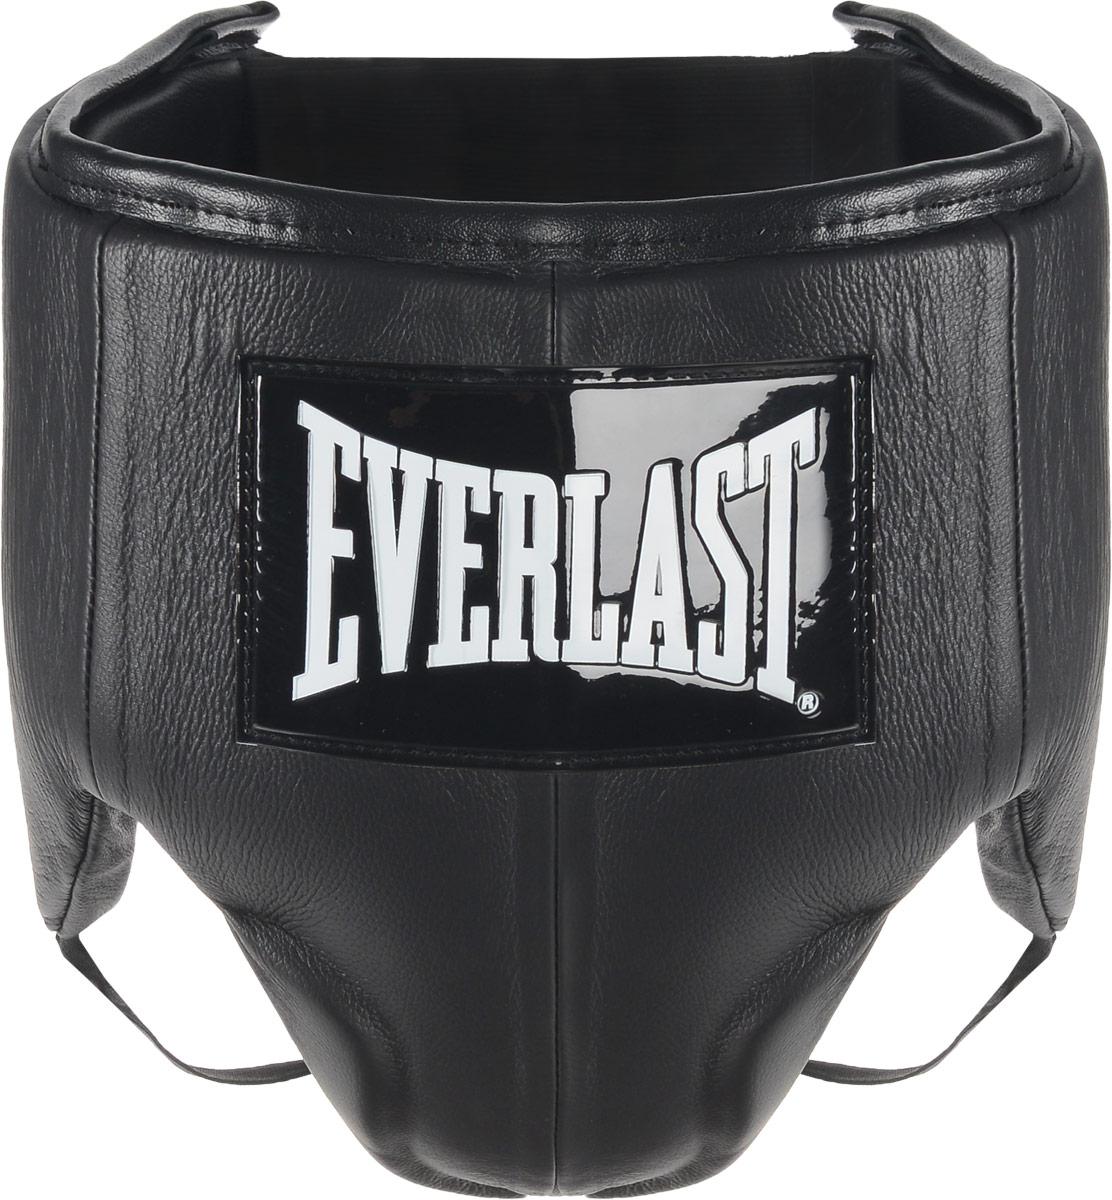 Защита паха мужская Everlast Velcro Top Pro, цвет: черный, белый. Размер XLMCI54145_WhiteEverlast Velcro Top Pro это удобный обтягивающий бандаж, идеально подходящий как для тренировочных спаррингов, так и для боя на ринге. Бандаж изготовлен из высококачественной натуральной кожи, а подкладка набита пенным наполнителем высокой плотности, благодаря чему достигается превосходная амортизация ударов. Усовершенствованный облегченный дизайн обеспечивает максимальную подвижность и комфорт, в то же время гарантируя безопасность и полную защиту паха и тазовой области. Удобные застежки на липучке позволят подогнать защиту под ваш размер и плотно зафиксировать ее на теле. Максимальный обхват: 112 см.Минимальный обхват: 101 см.